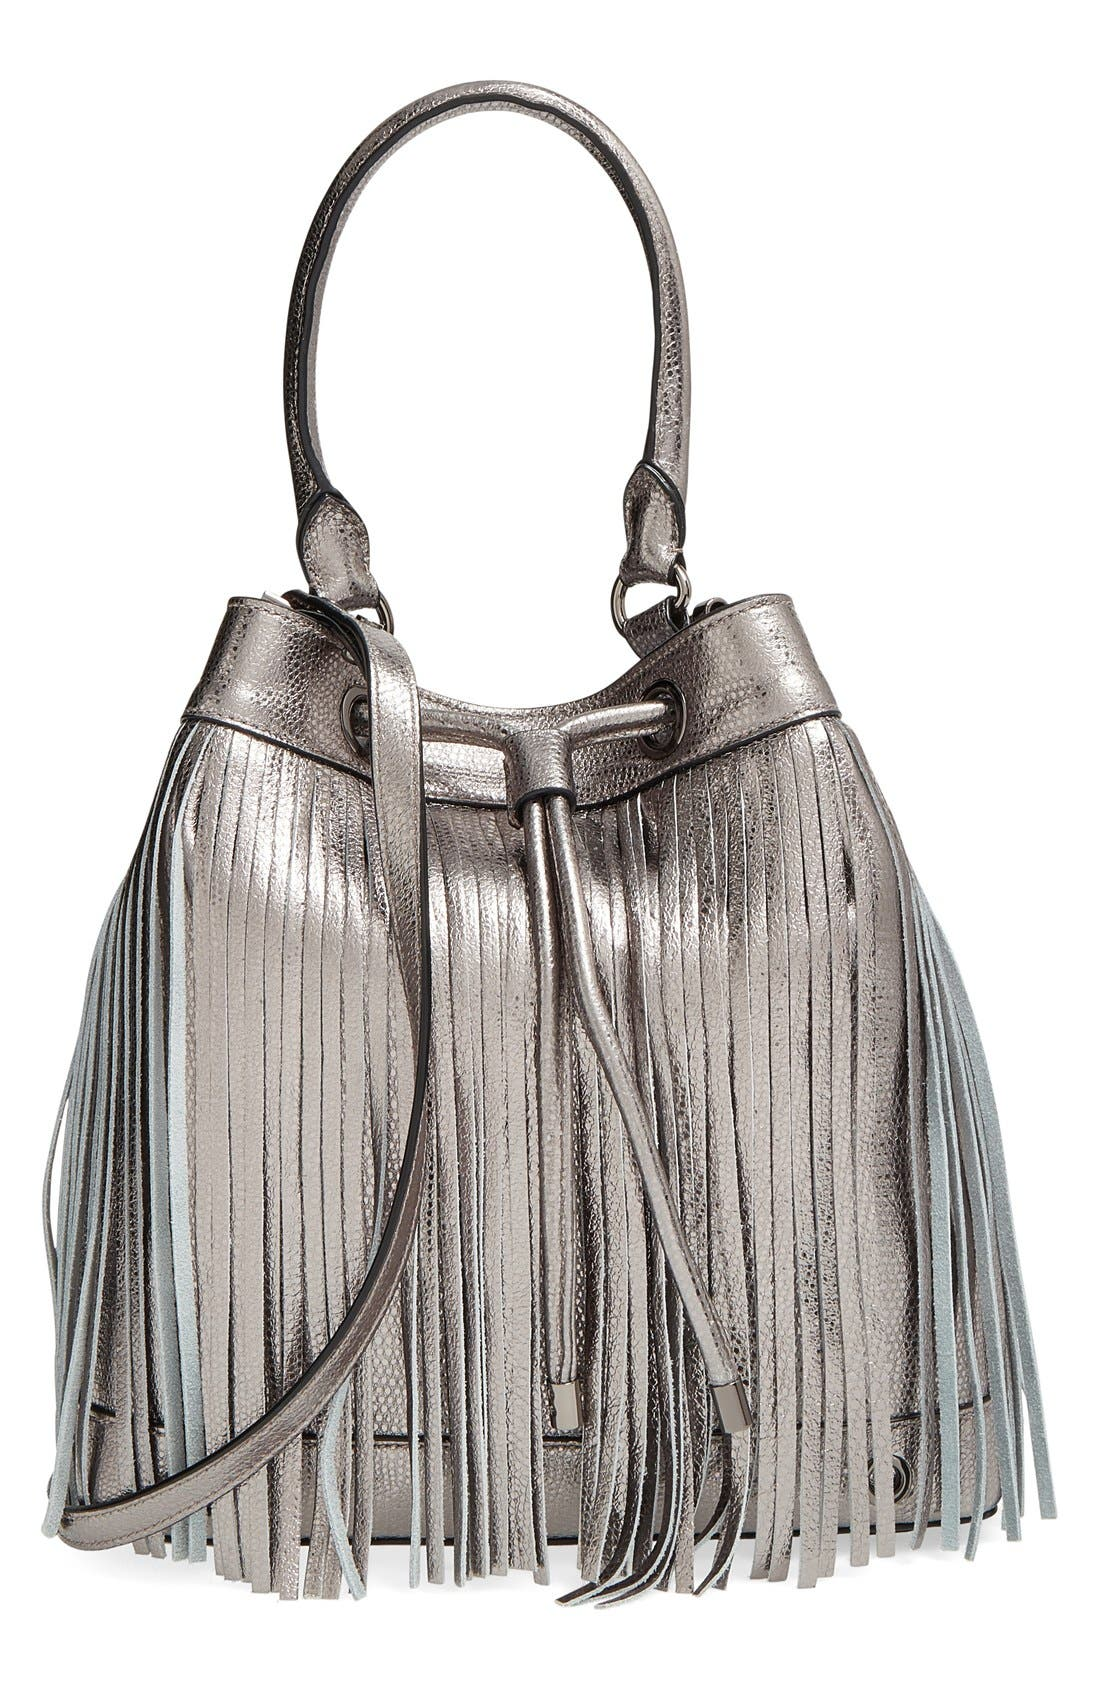 Main Image - Milly 'Large' Metallic Leather Fringe Bucket Bag